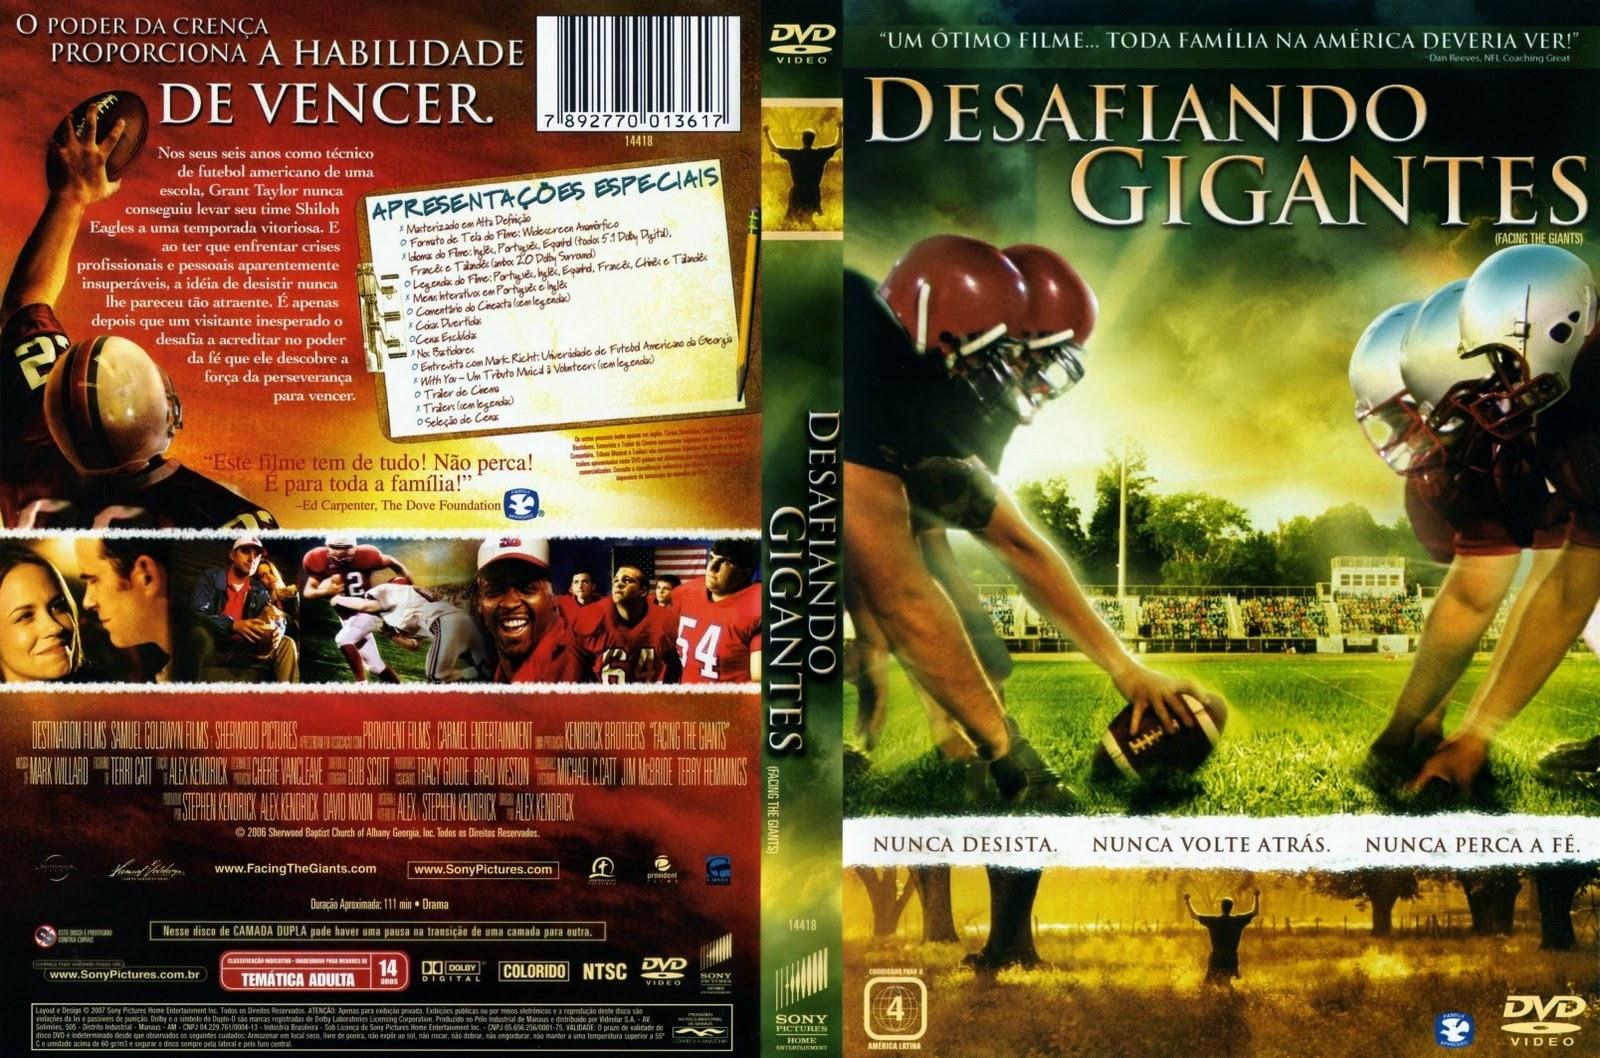 filme desafiando gigantes dublado completo